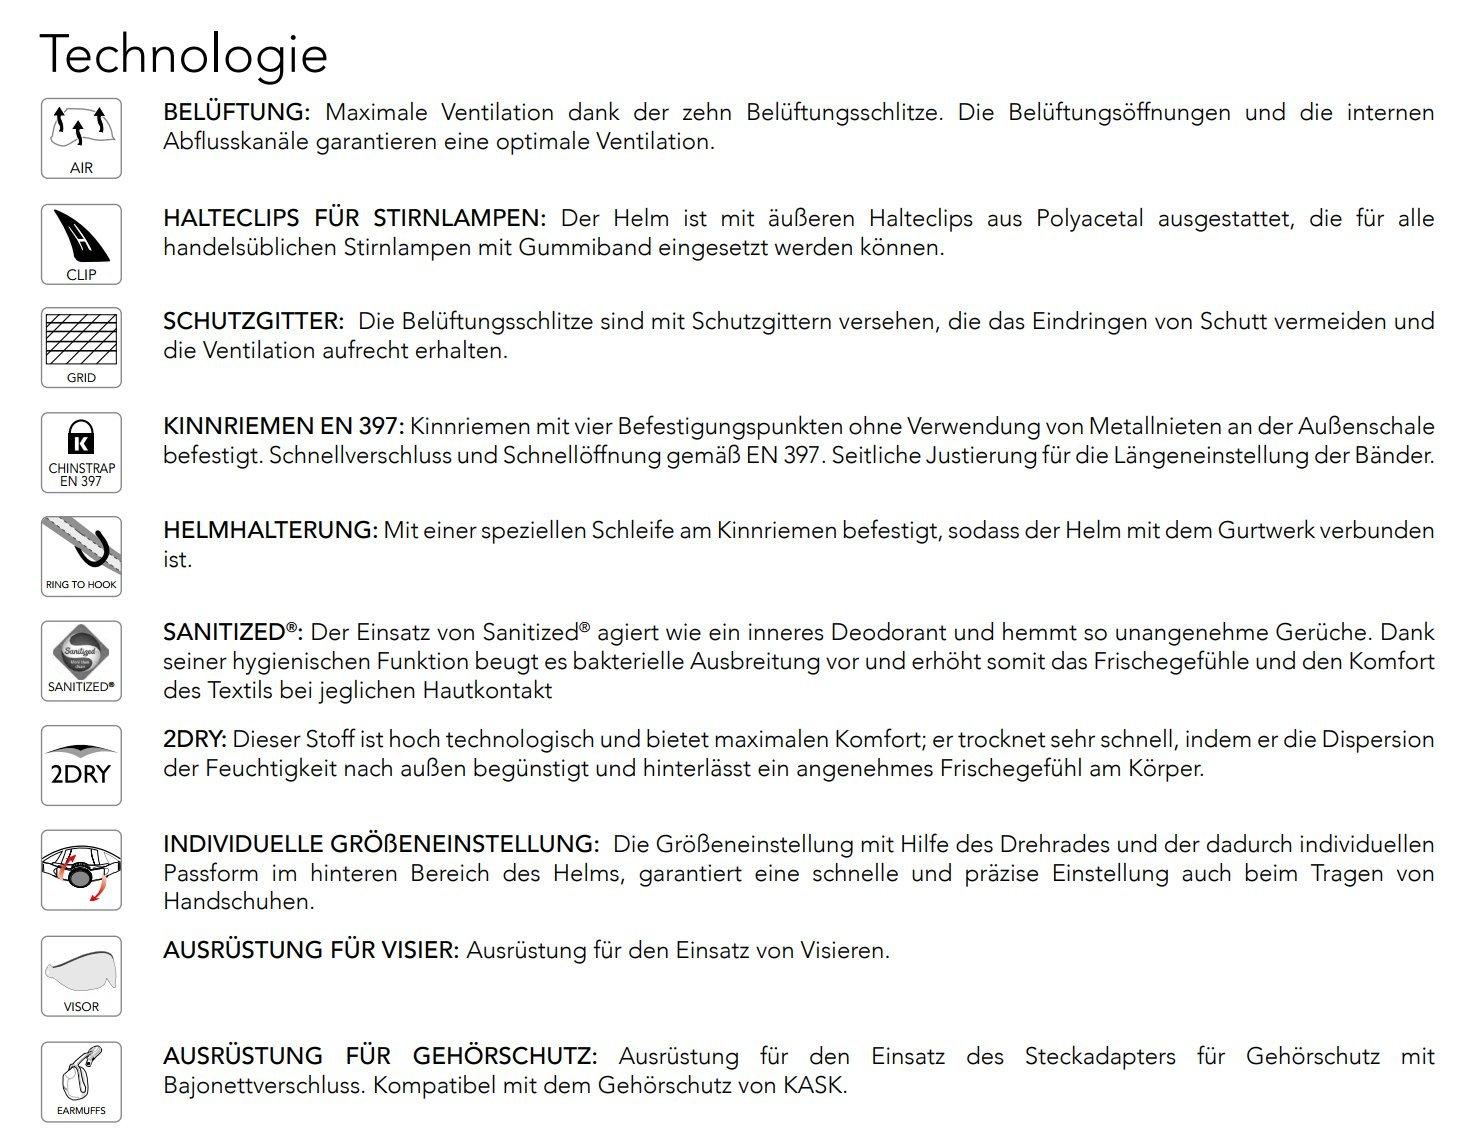 Kask Plasma AQ Arbeitshelm Bauhelm Kletterhelm Profi Helm geeignet als Sicherheitshelm Industriehelm EN 397 zertifiziert Bergsteigerhelm